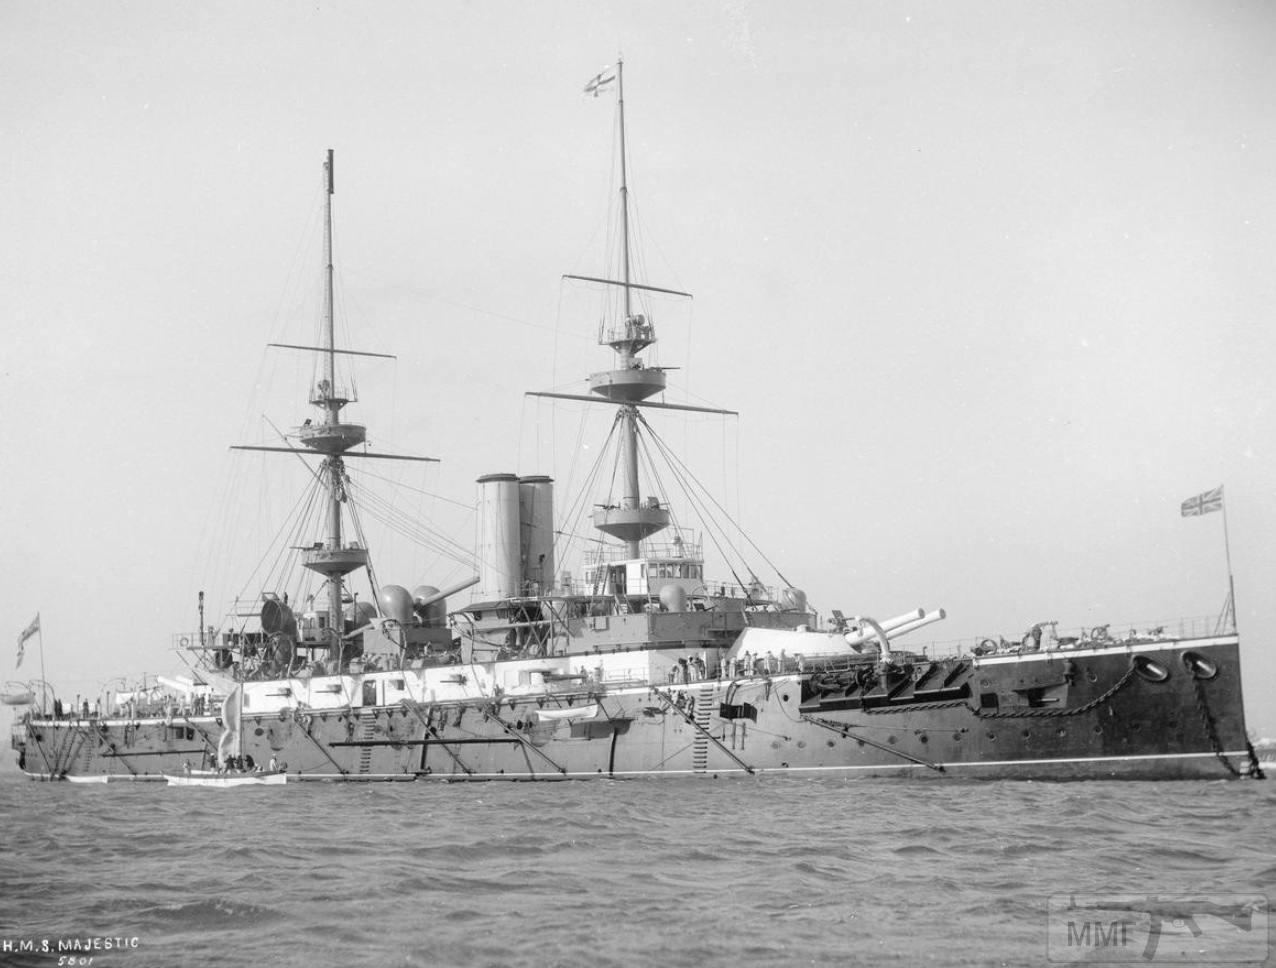 60270 - HMS Majestic